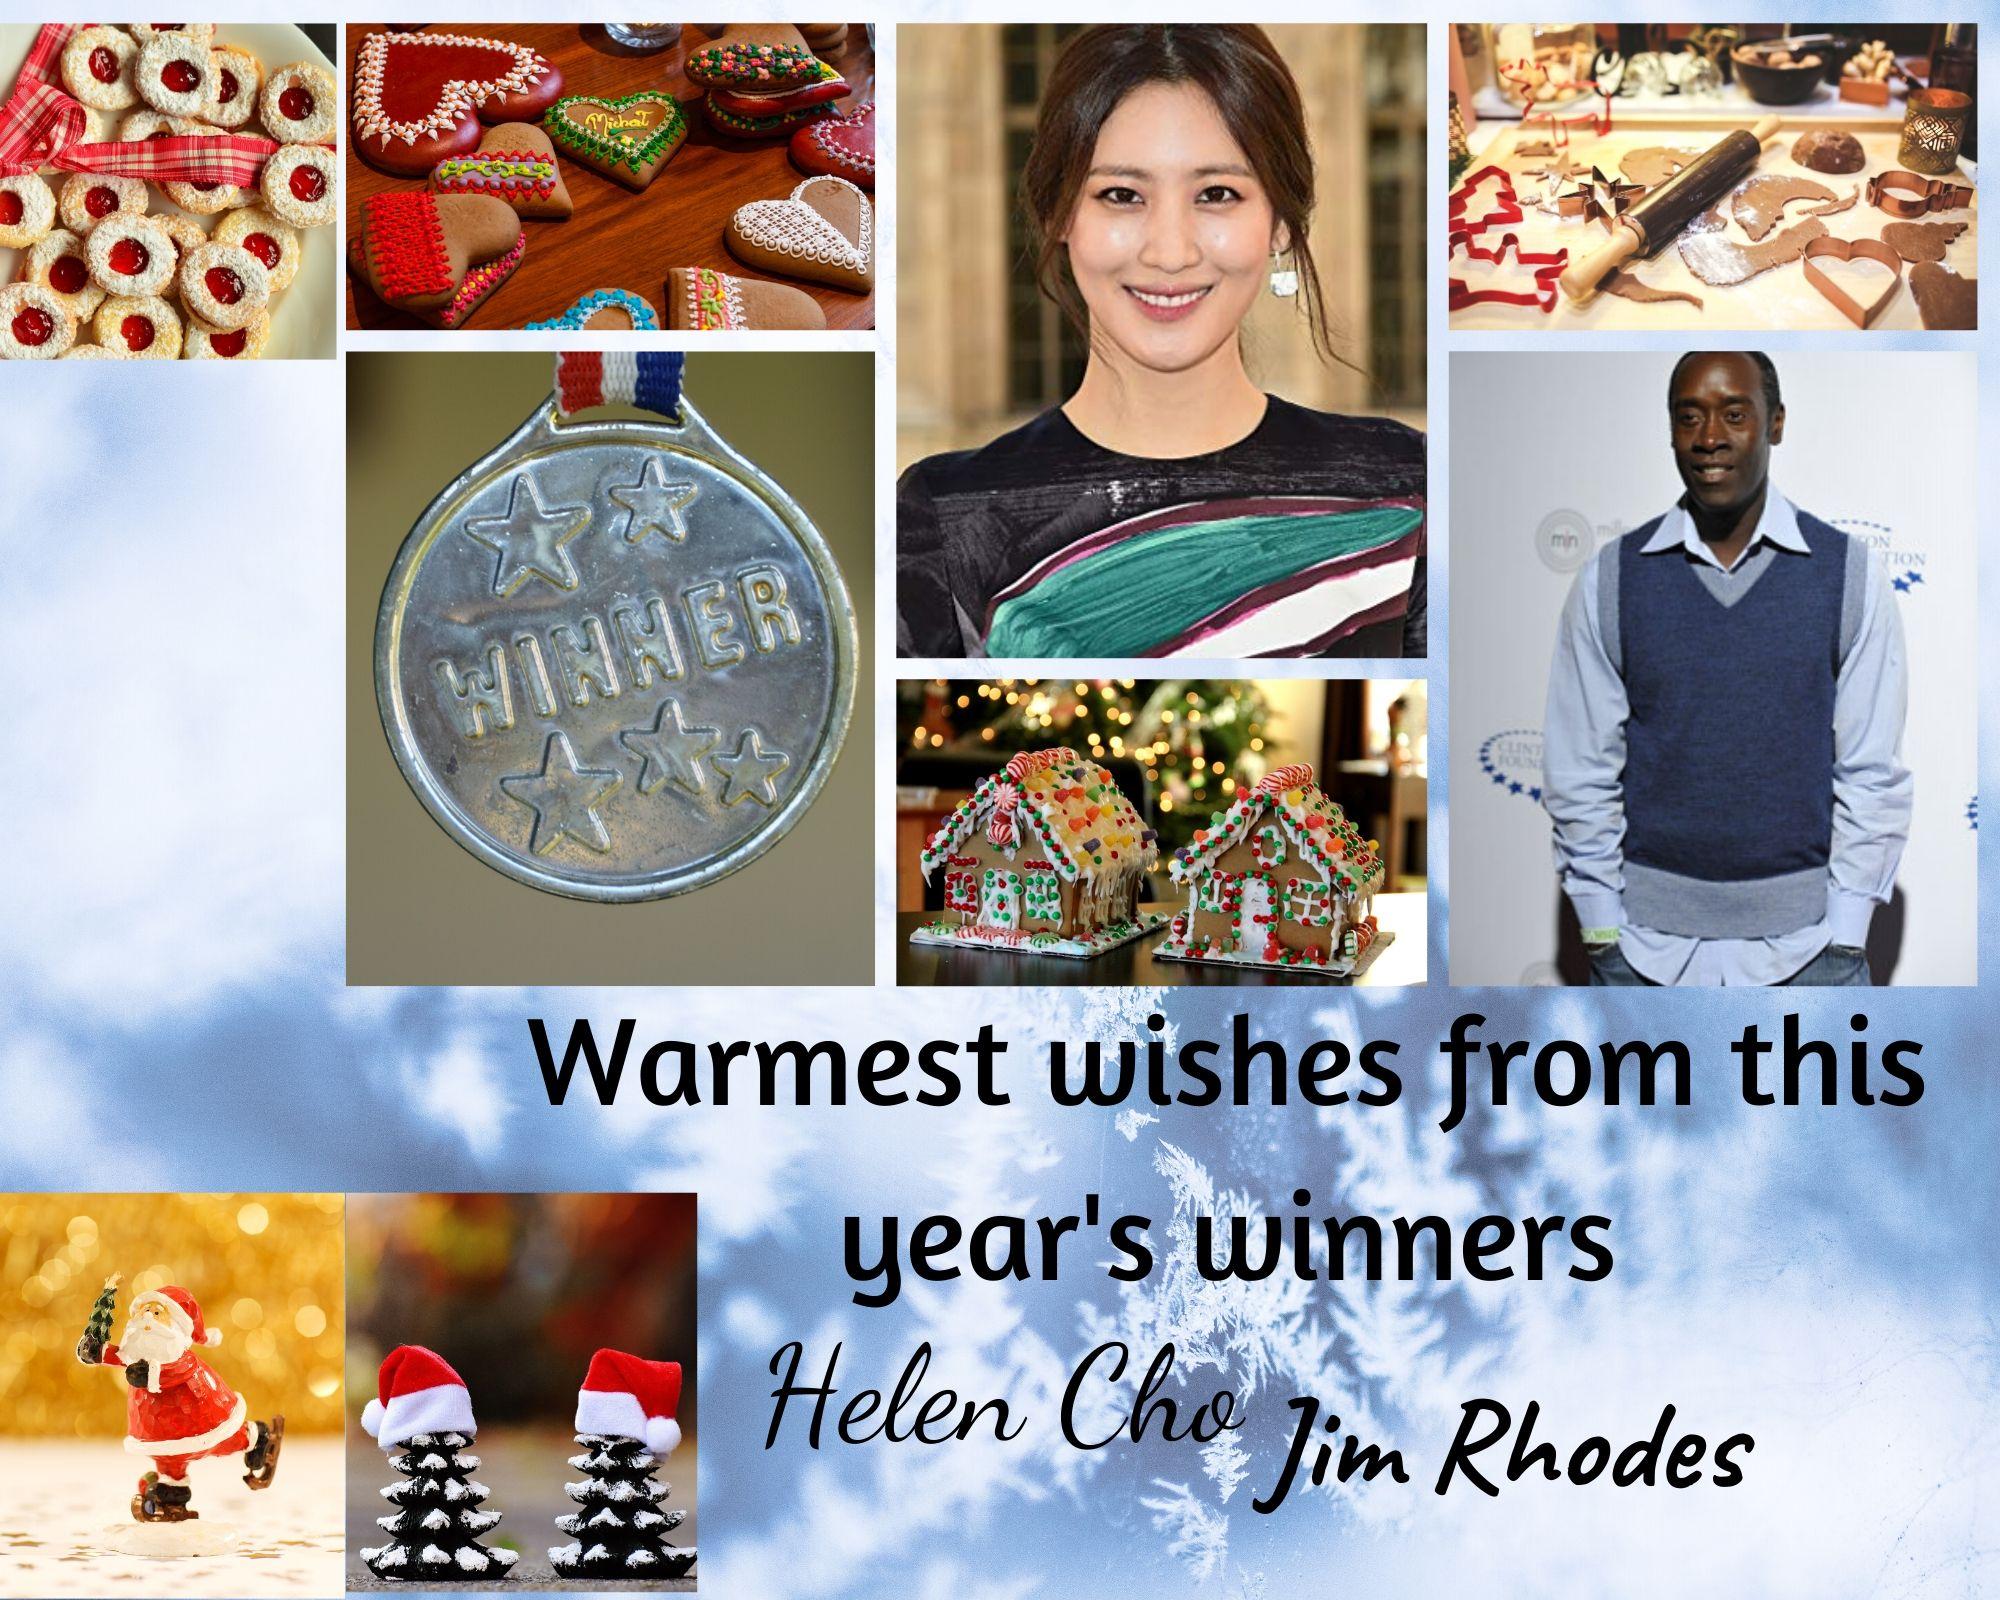 Rhodey and Helen win moodboard